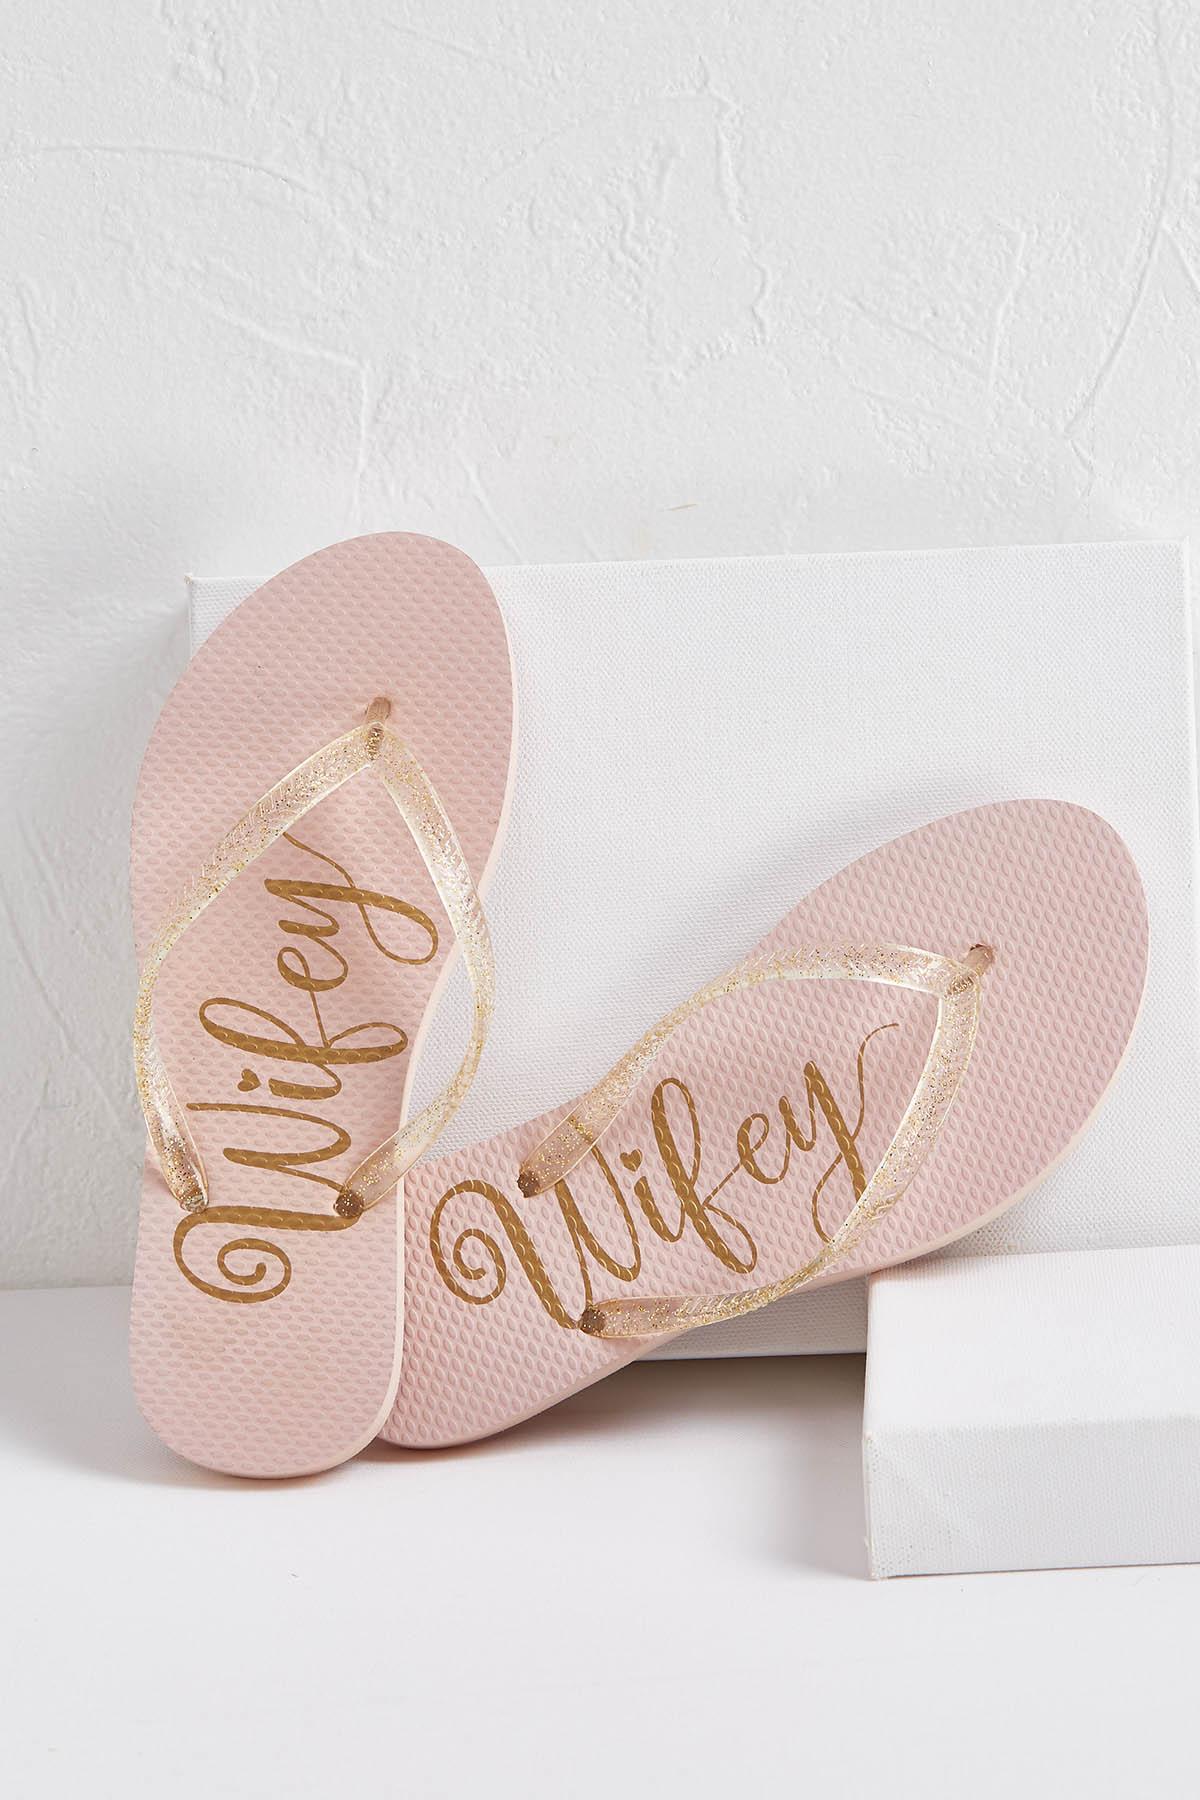 Wifey Flip- Flops